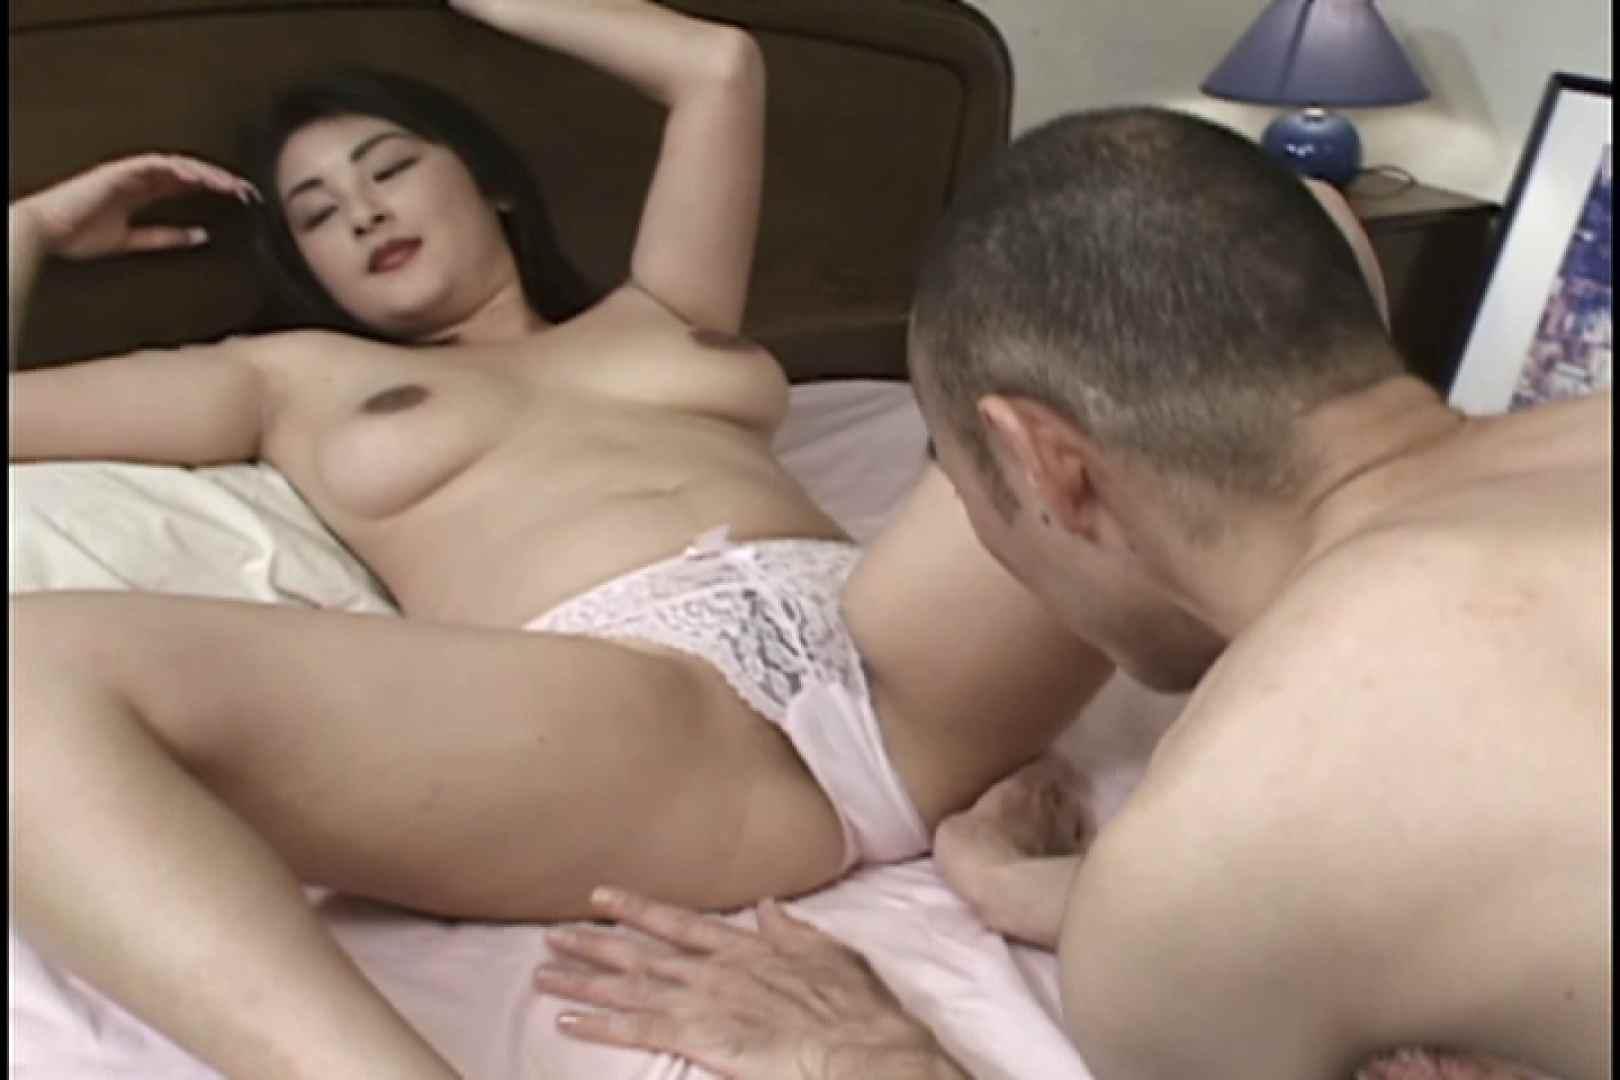 エロフェロモン全開の90センチ巨乳の淫乱人妻とSEX~篠崎麻美~ 淫乱 | 人妻  74画像 72